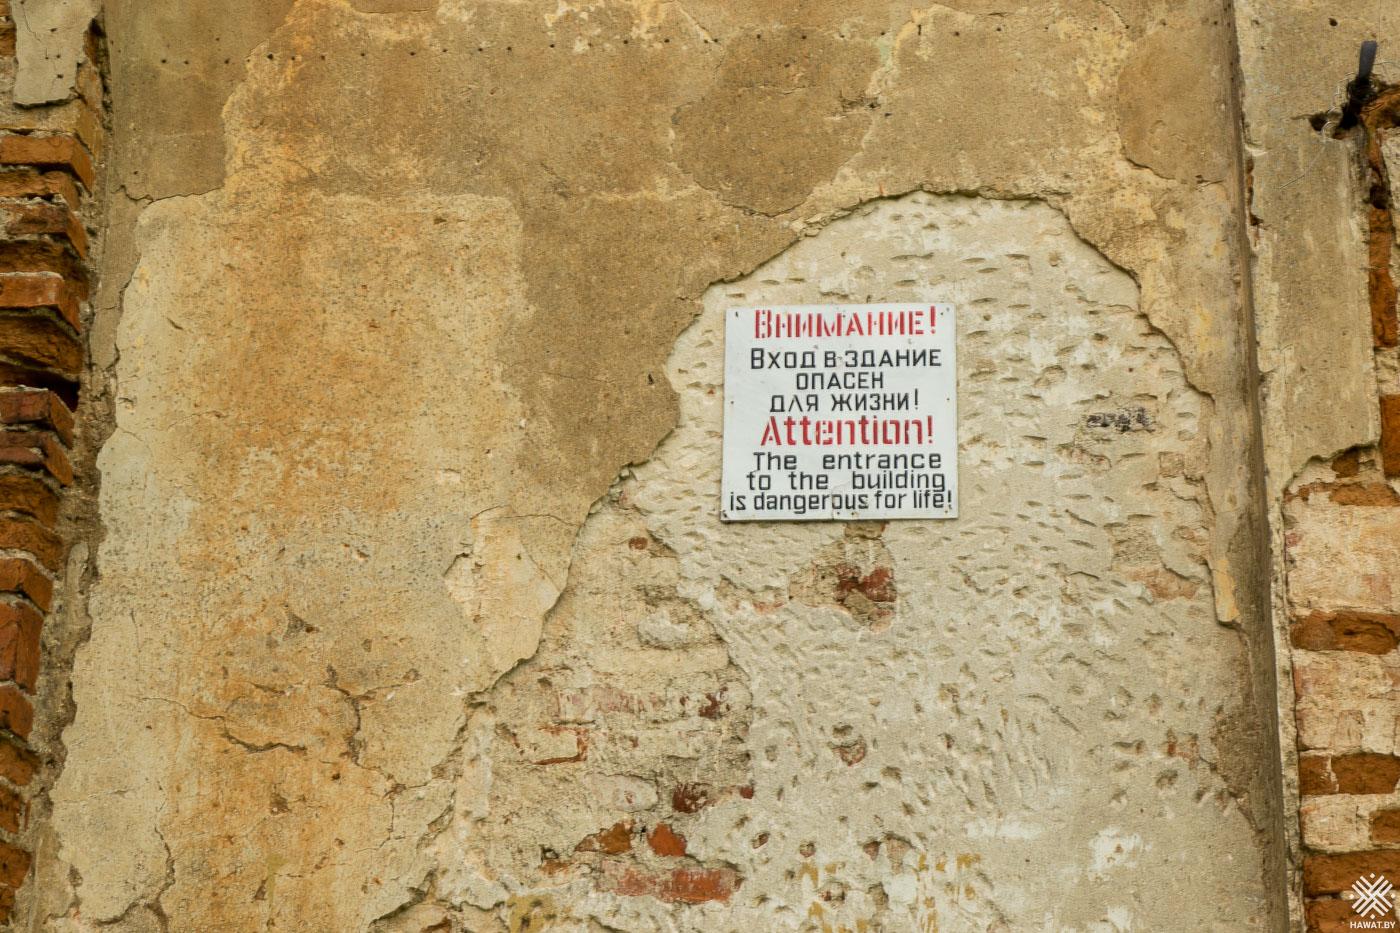 Предупредительная табличка